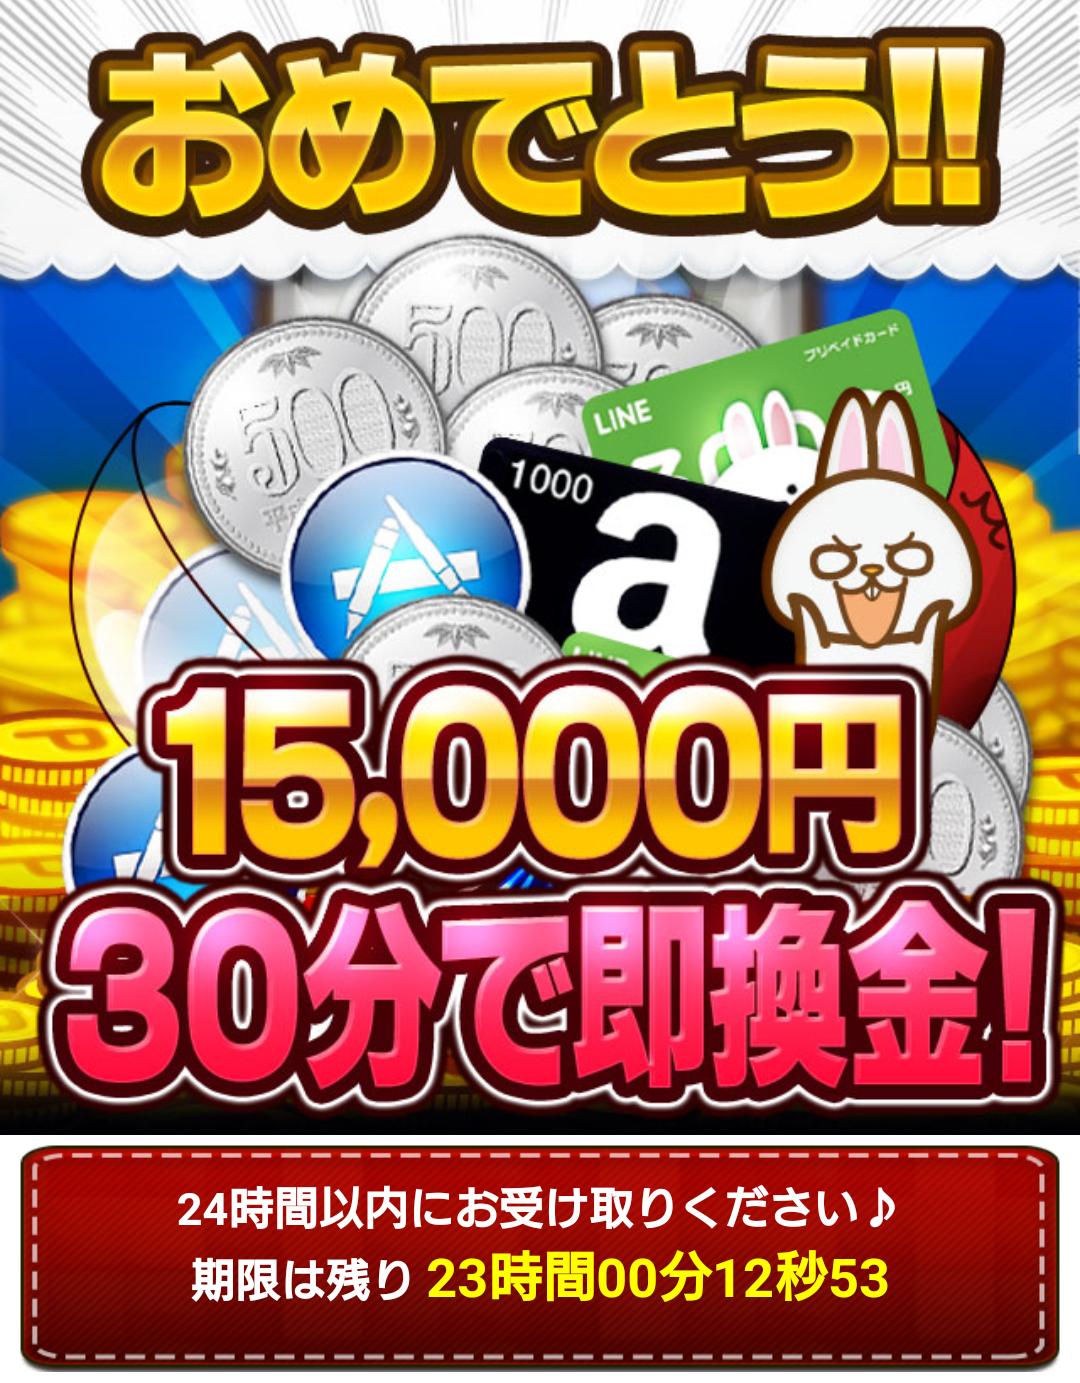 ポイントモール/15,000円 30分で即換金!